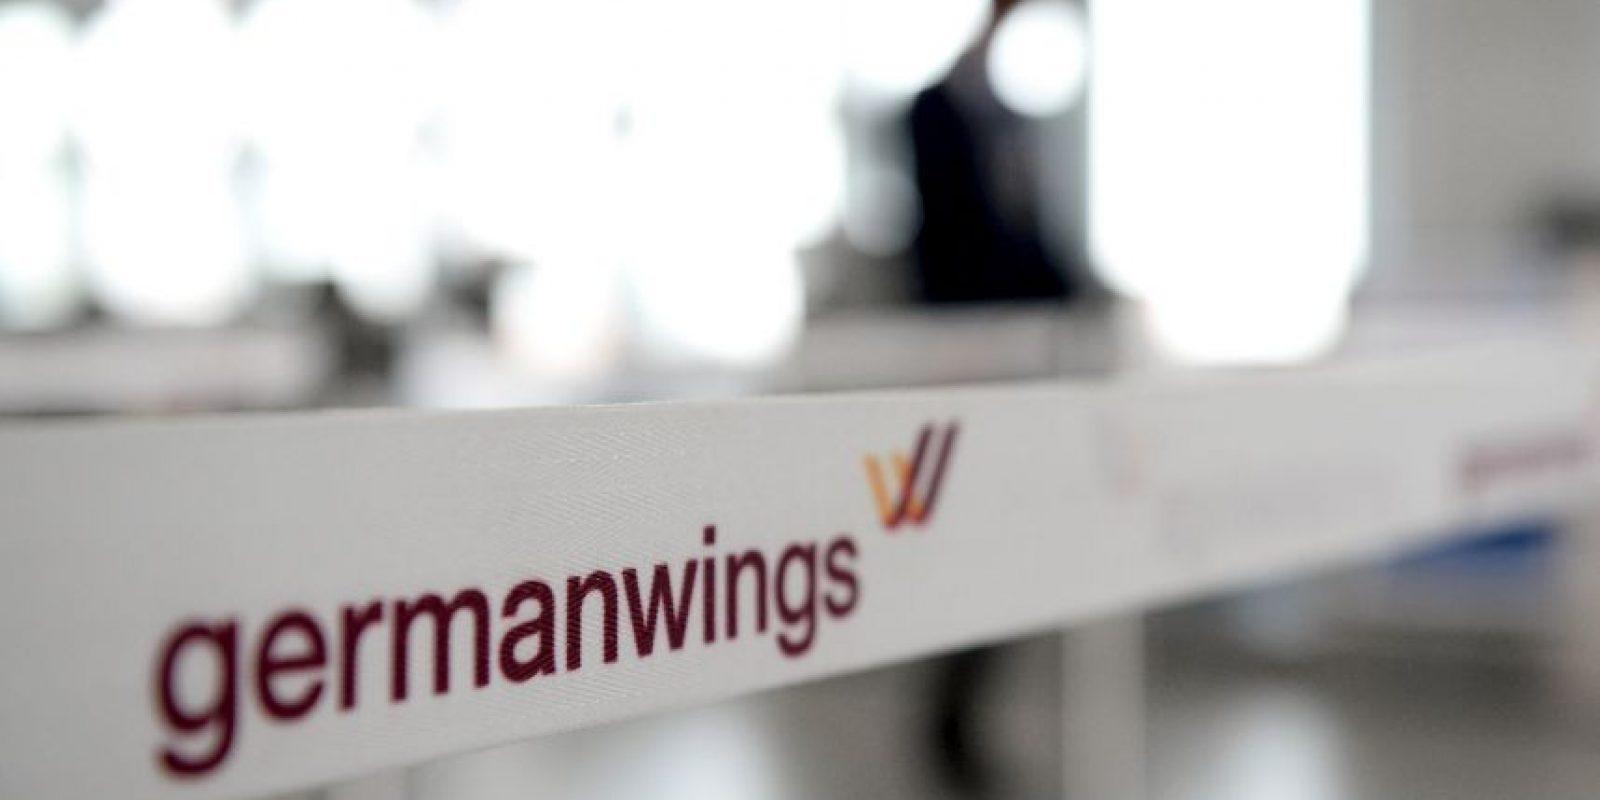 El pasado martes, salió de Barcelona el vuelo GWI9525, de Germanwings con destino a Dusseldorf en Alemania. Foto:Getty Images